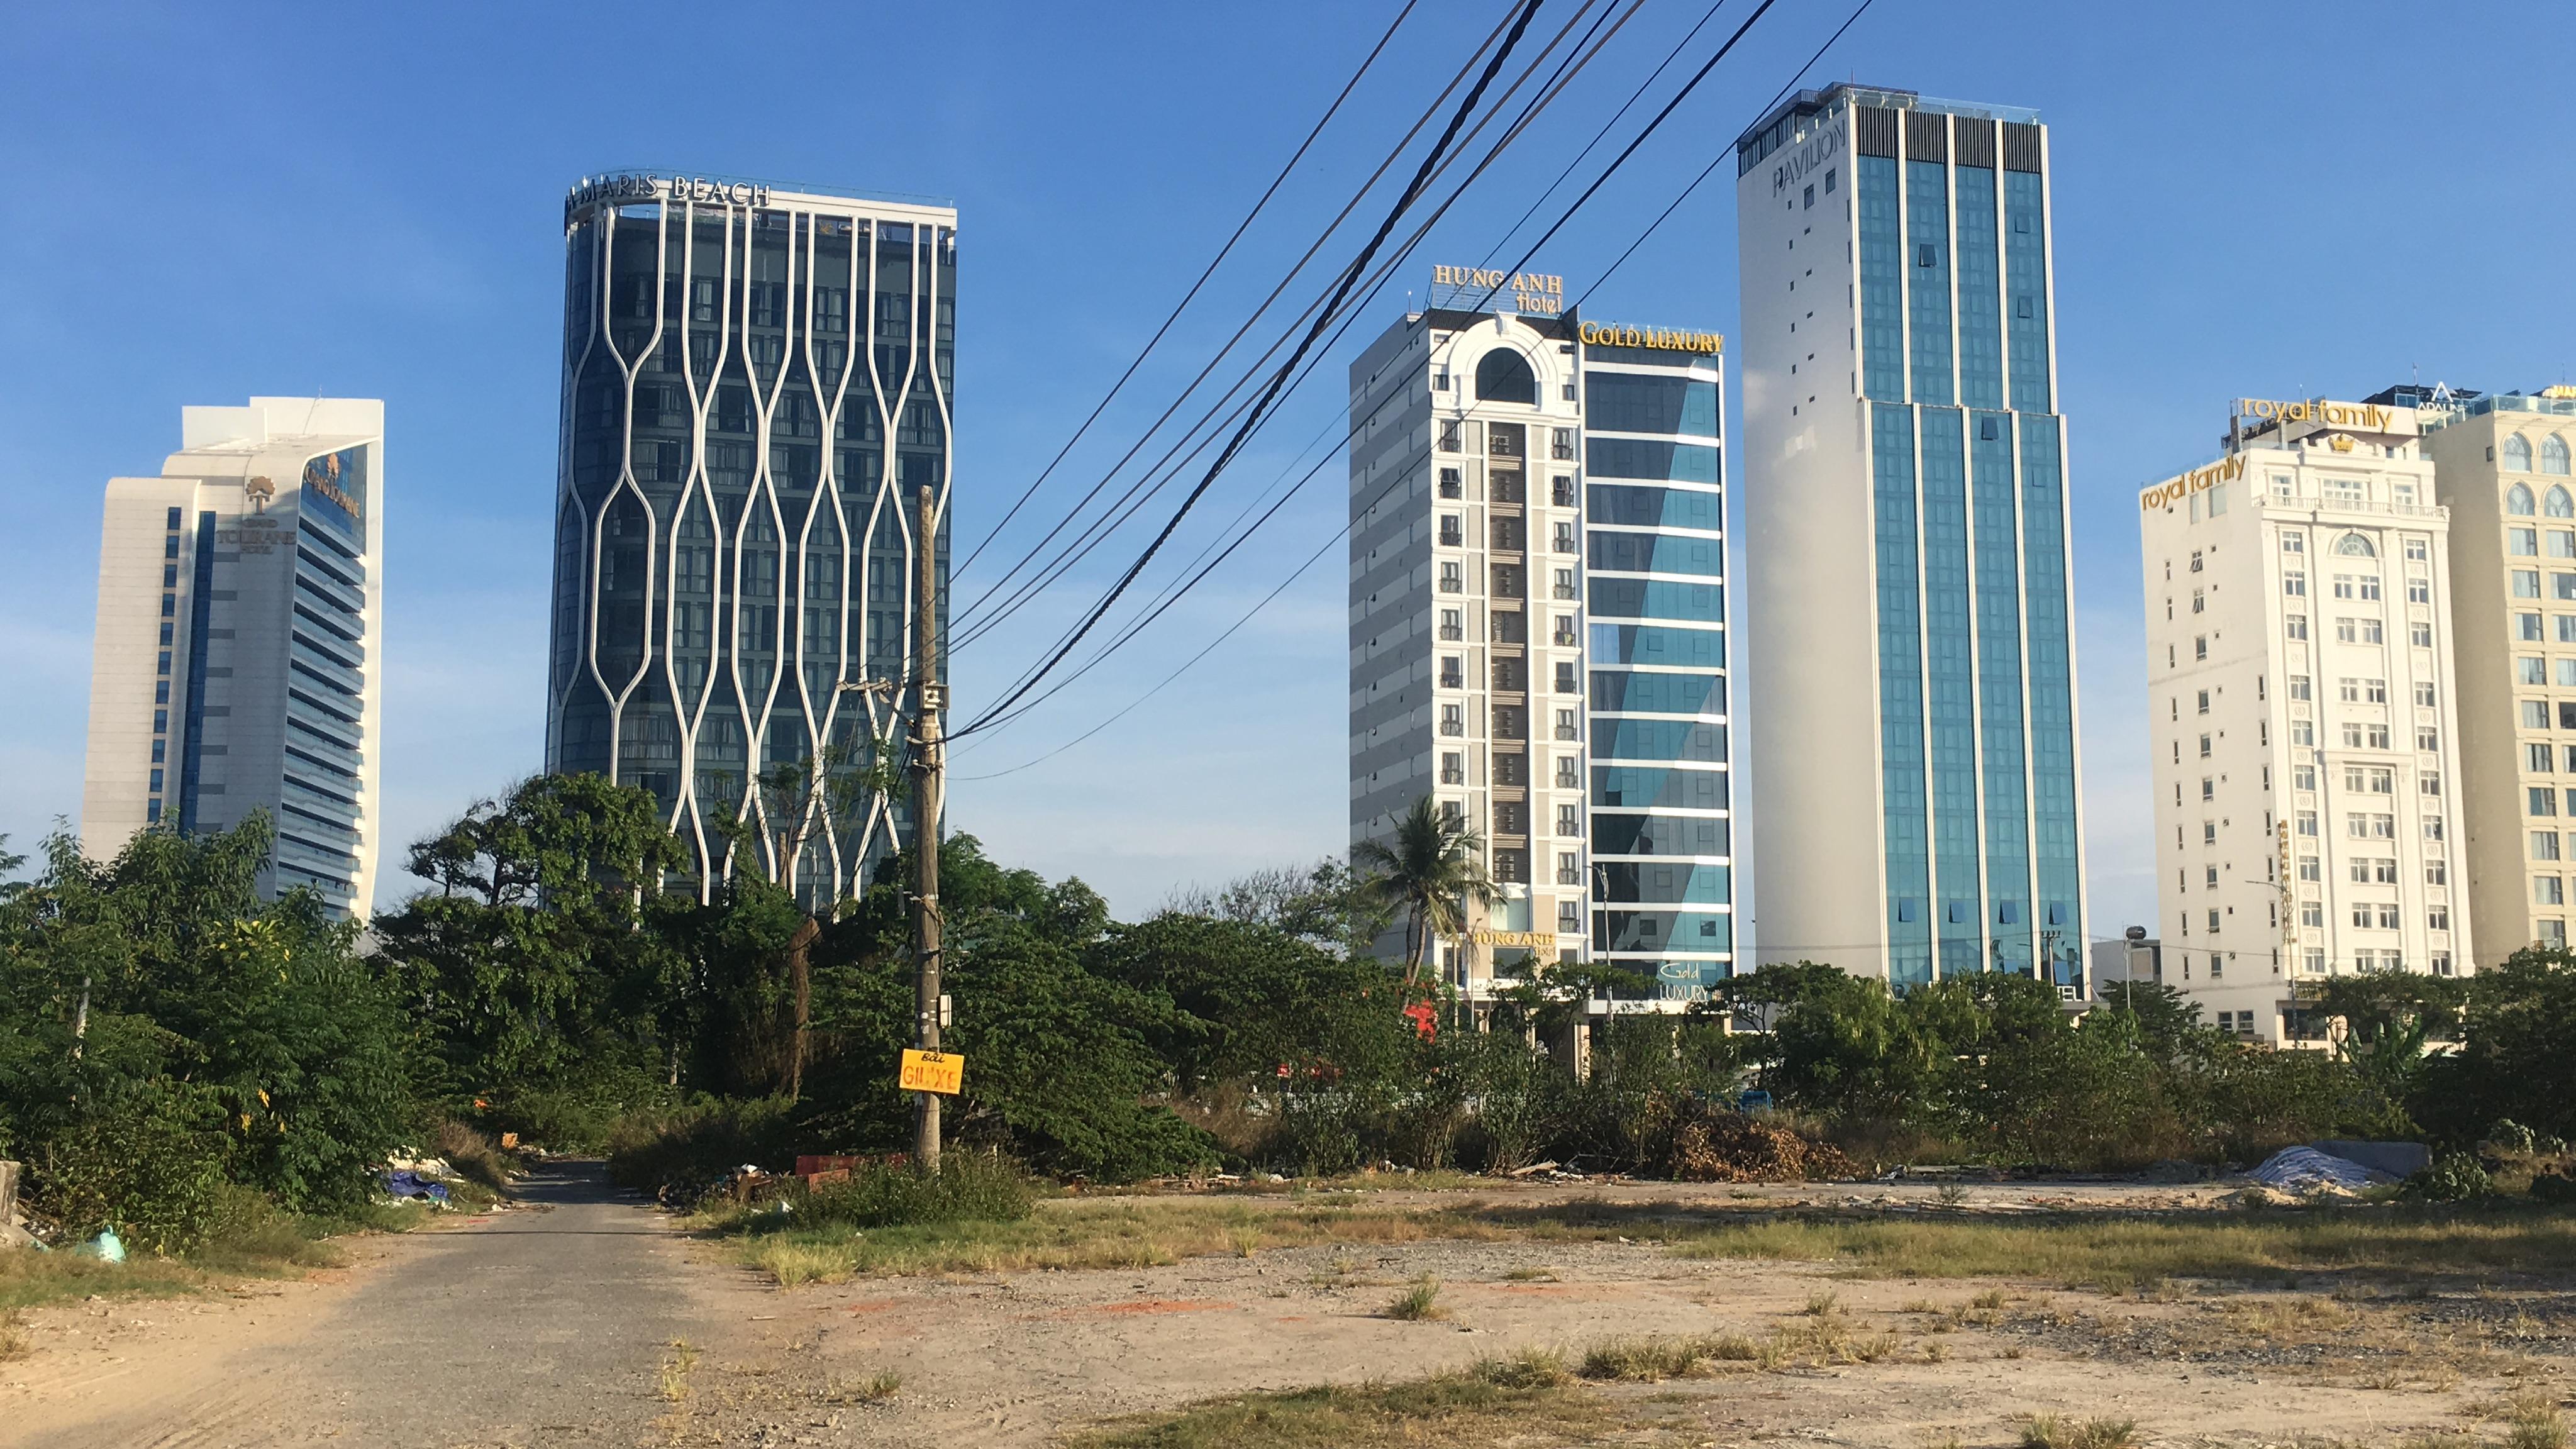 Đà Nẵng đốc thúc những dự án nghìn tỉ đồng để phục hồi tăng trưởng cuối năm 2020 - Ảnh 3.